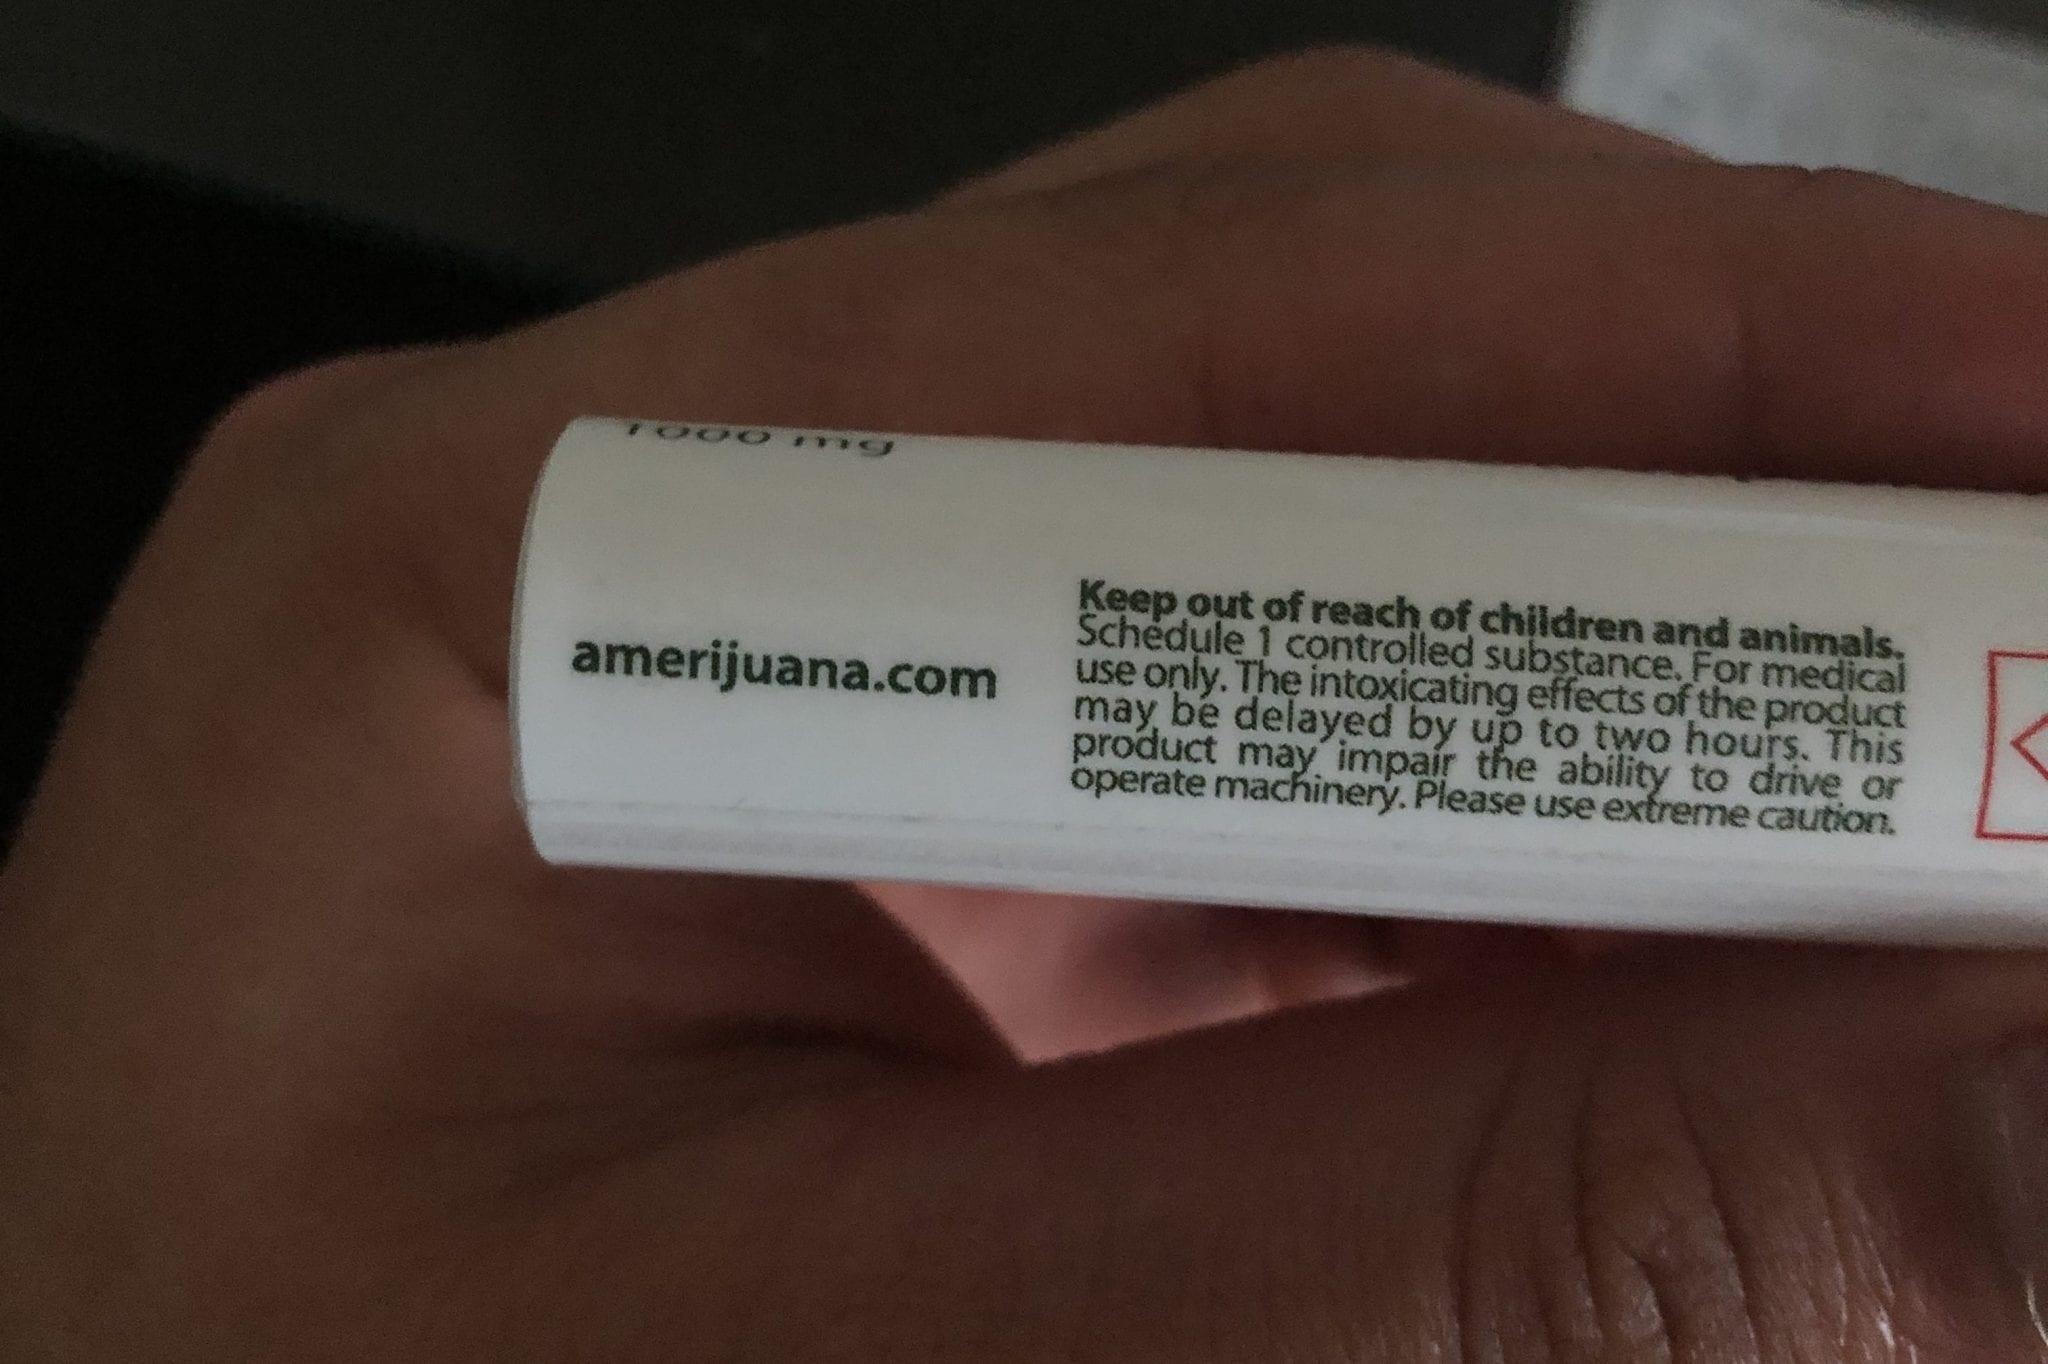 amerijuana cartridge packaging